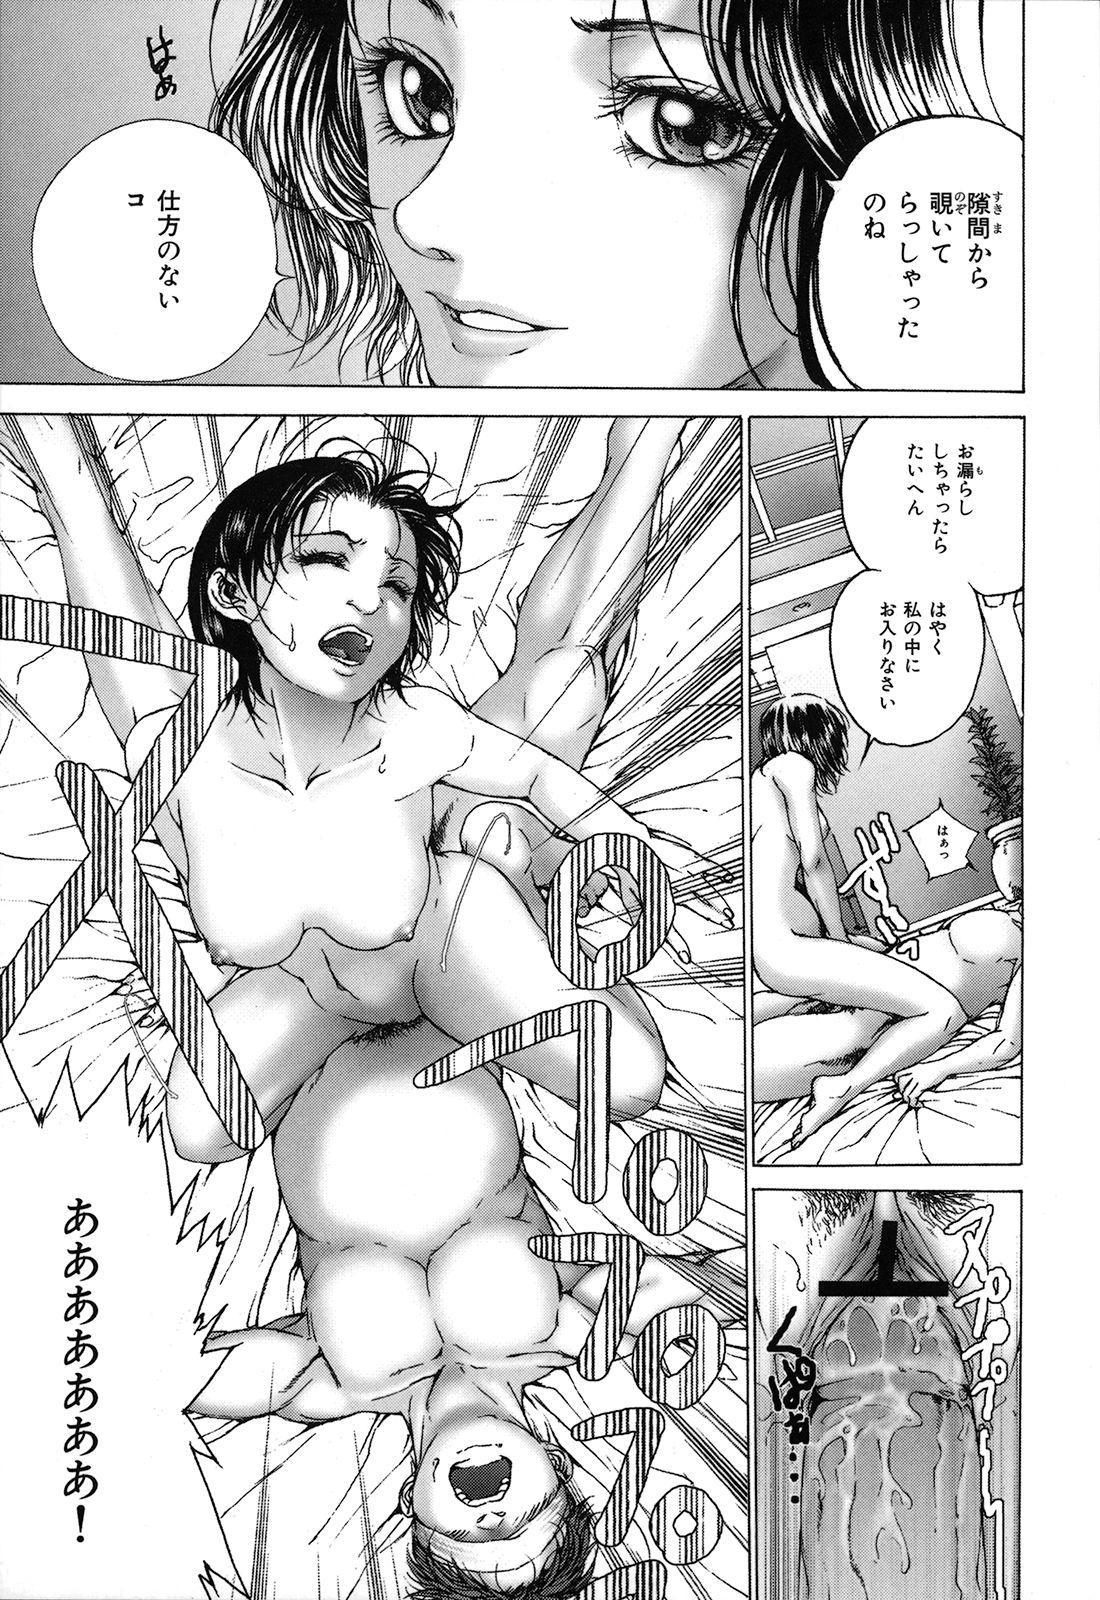 Kou Musume 118